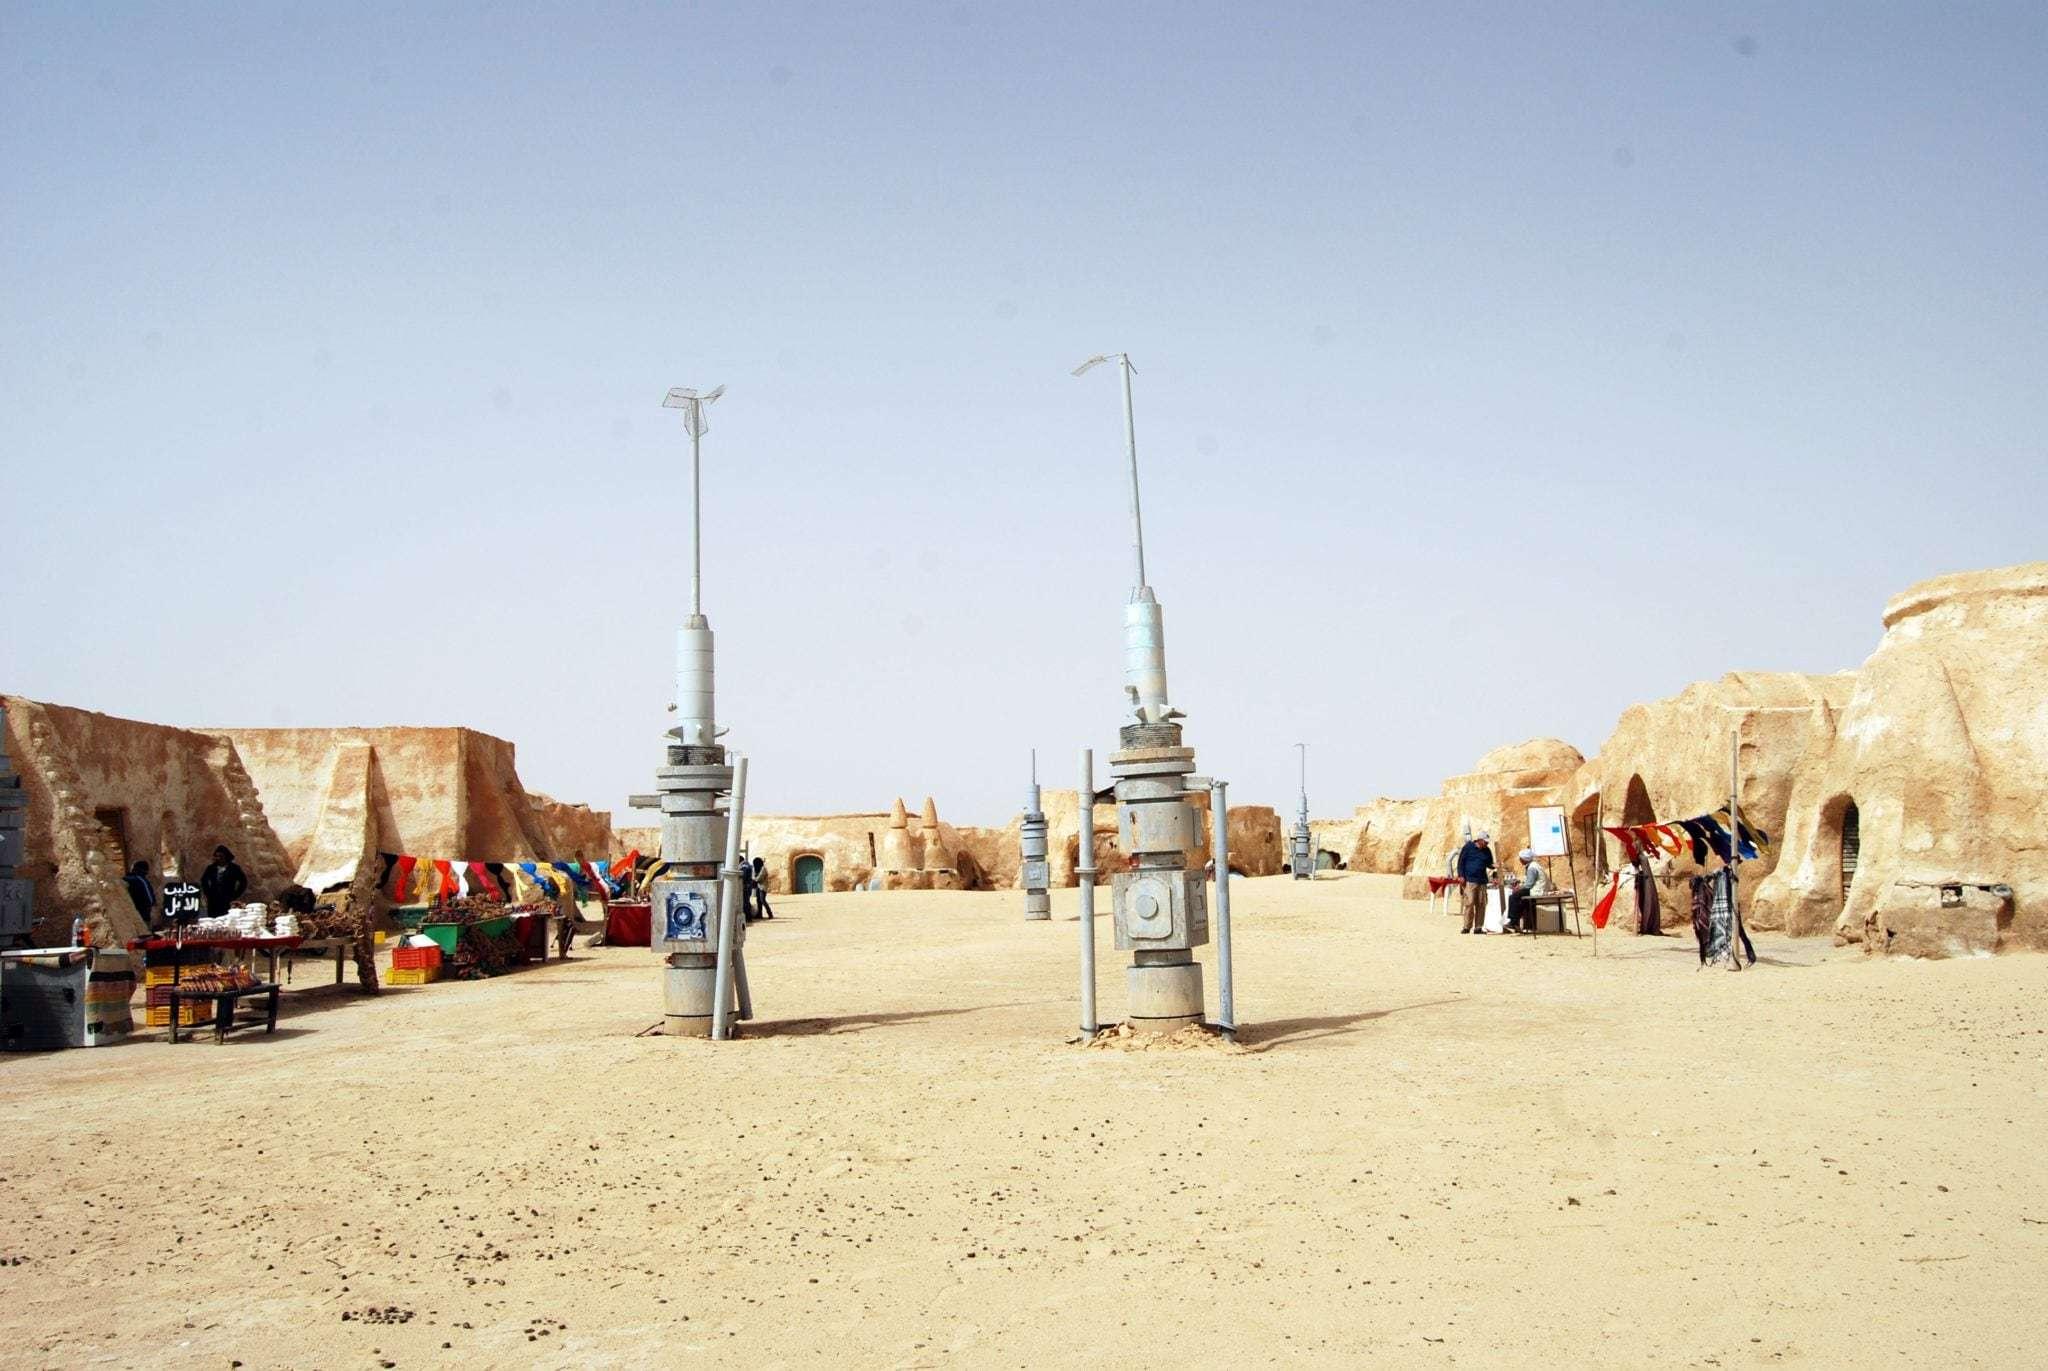 Star Wars Mos Espa in Nefta